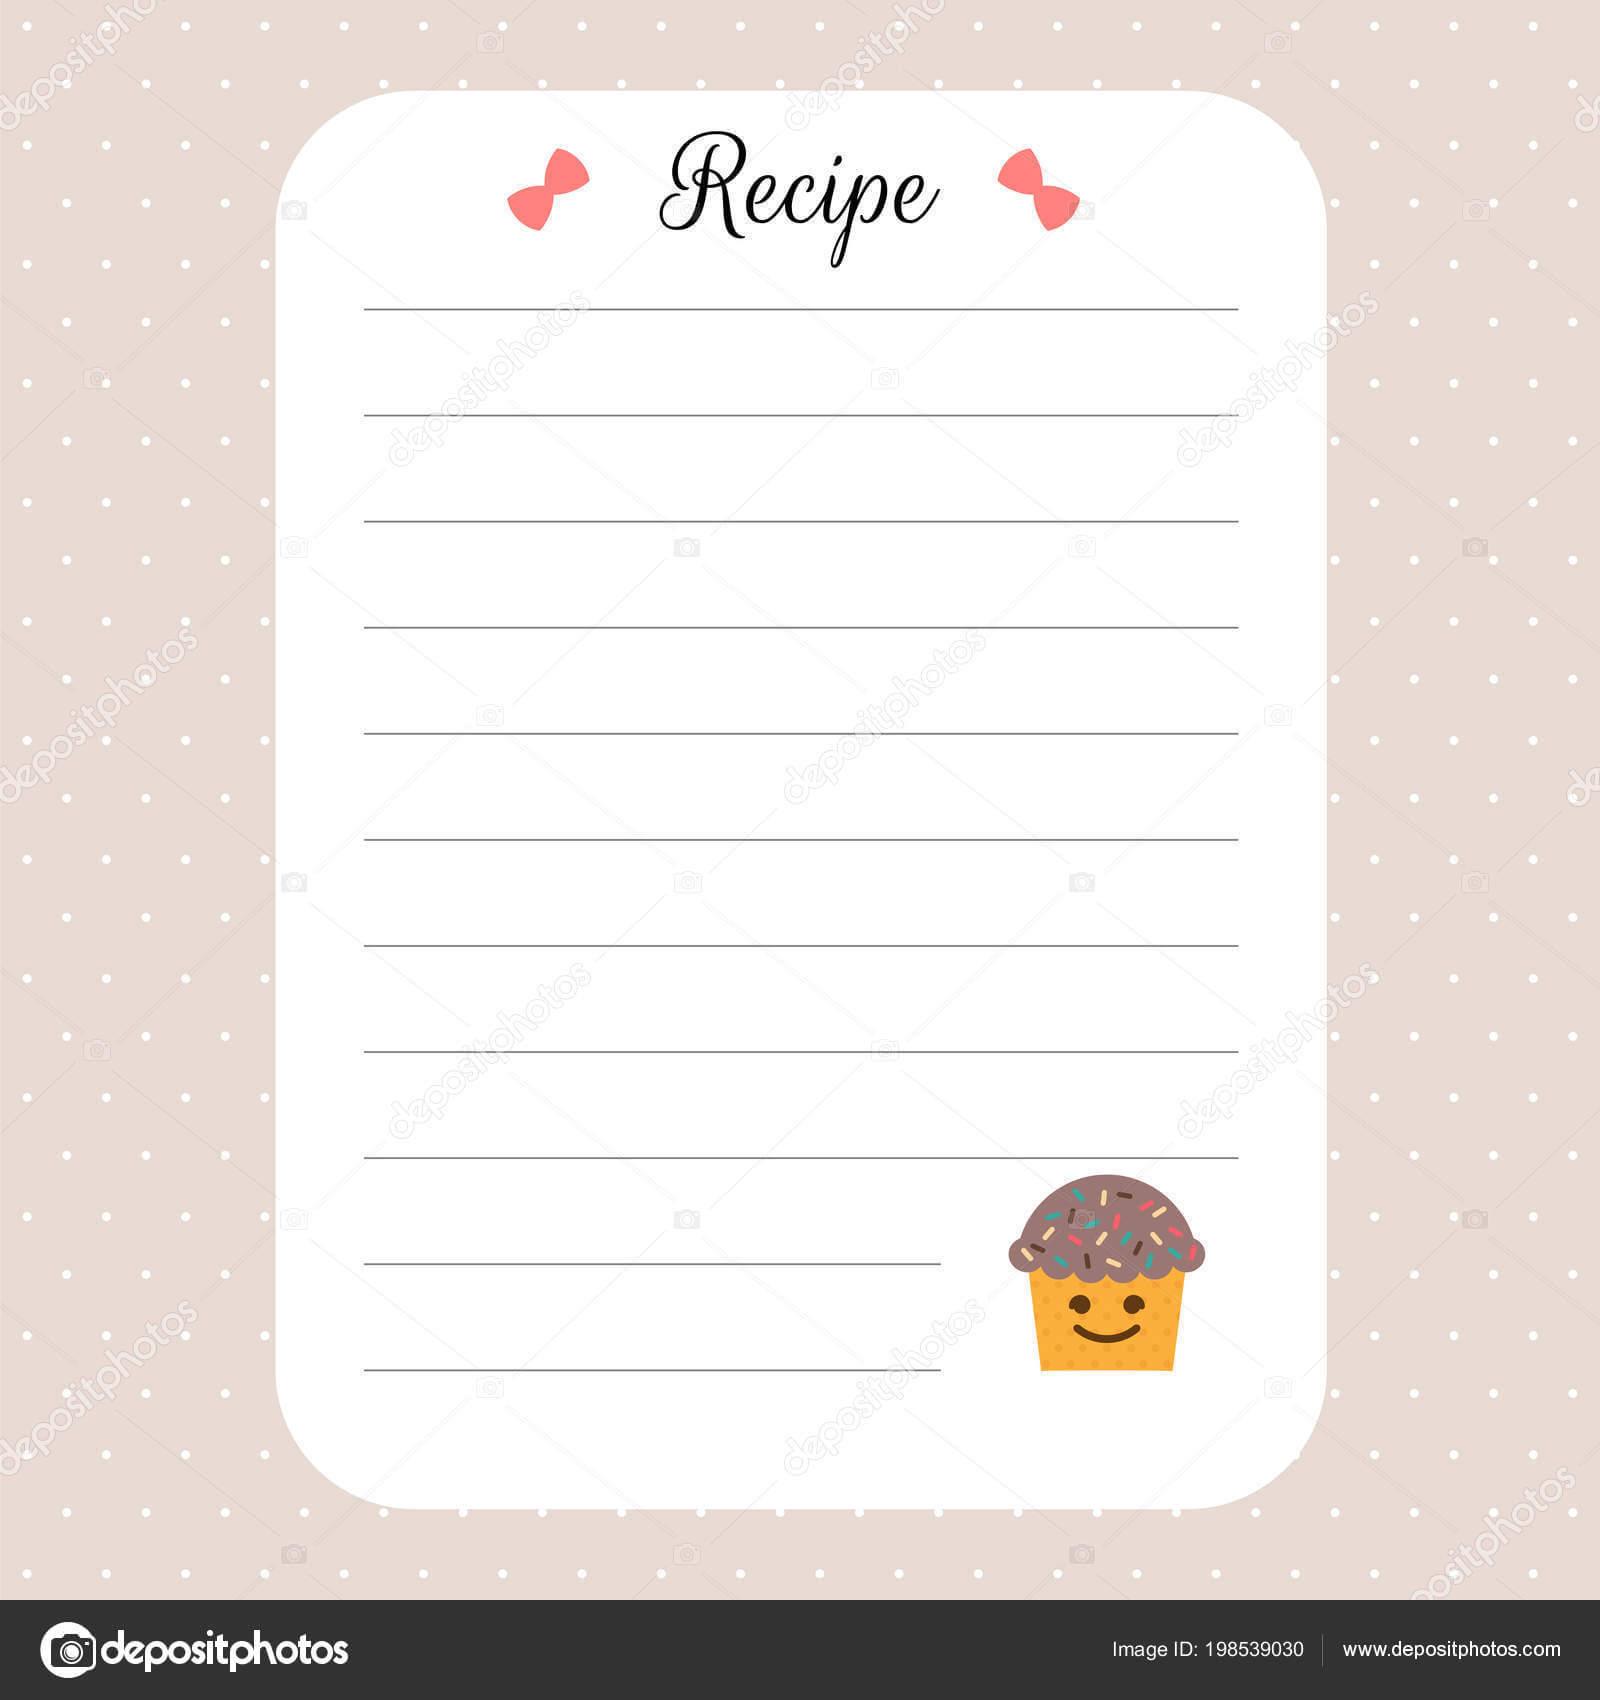 Restaurant Recipe Book Template | Recipe Card Template Throughout Restaurant Recipe Card Template